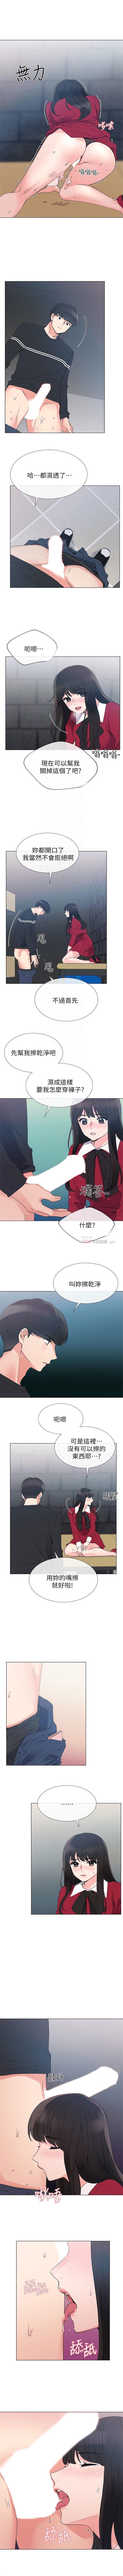 (週5)重考生 1-52 中文翻譯(更新中) 251